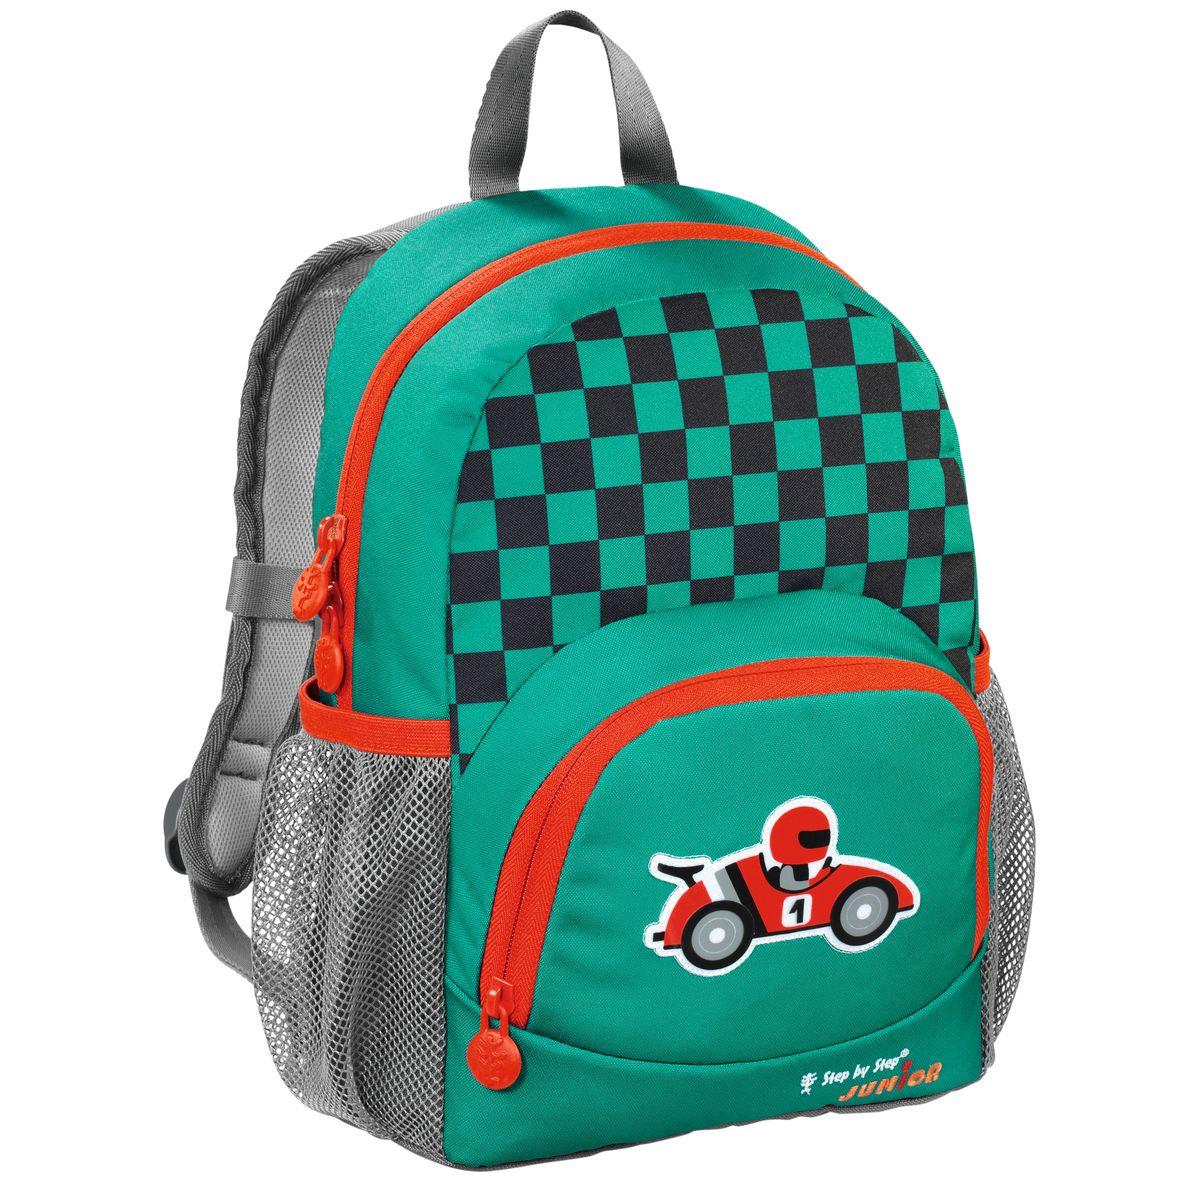 Hama Рюкзак детский Step By Step Junior Dressy Little Racer138410Рюкзак детский Step By Step Junior Dressy little racer зеленый/серый